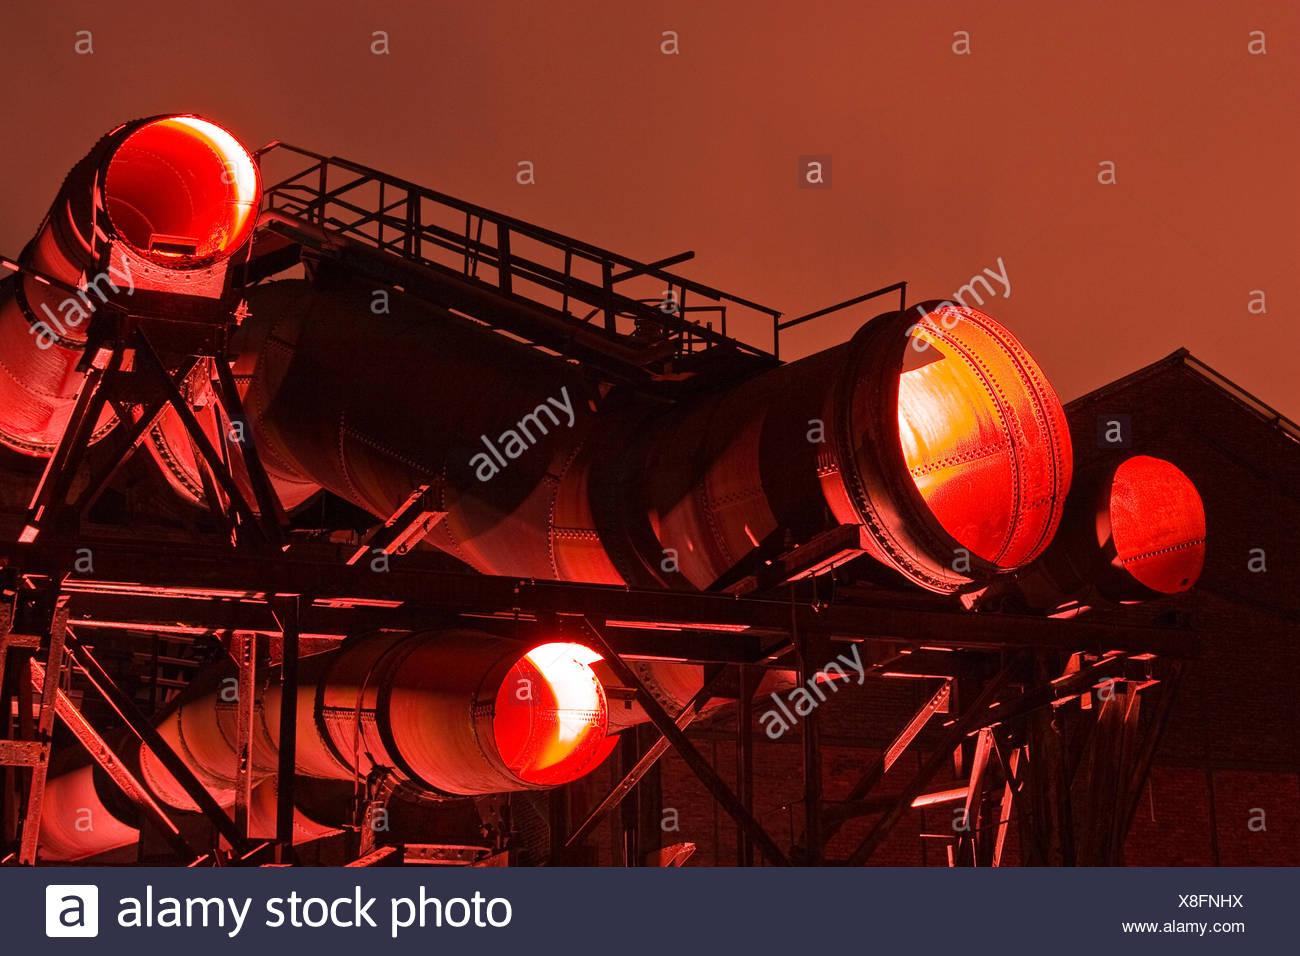 industry night nighttime lighted steel tube Bochum old industriekultur - Stock Image